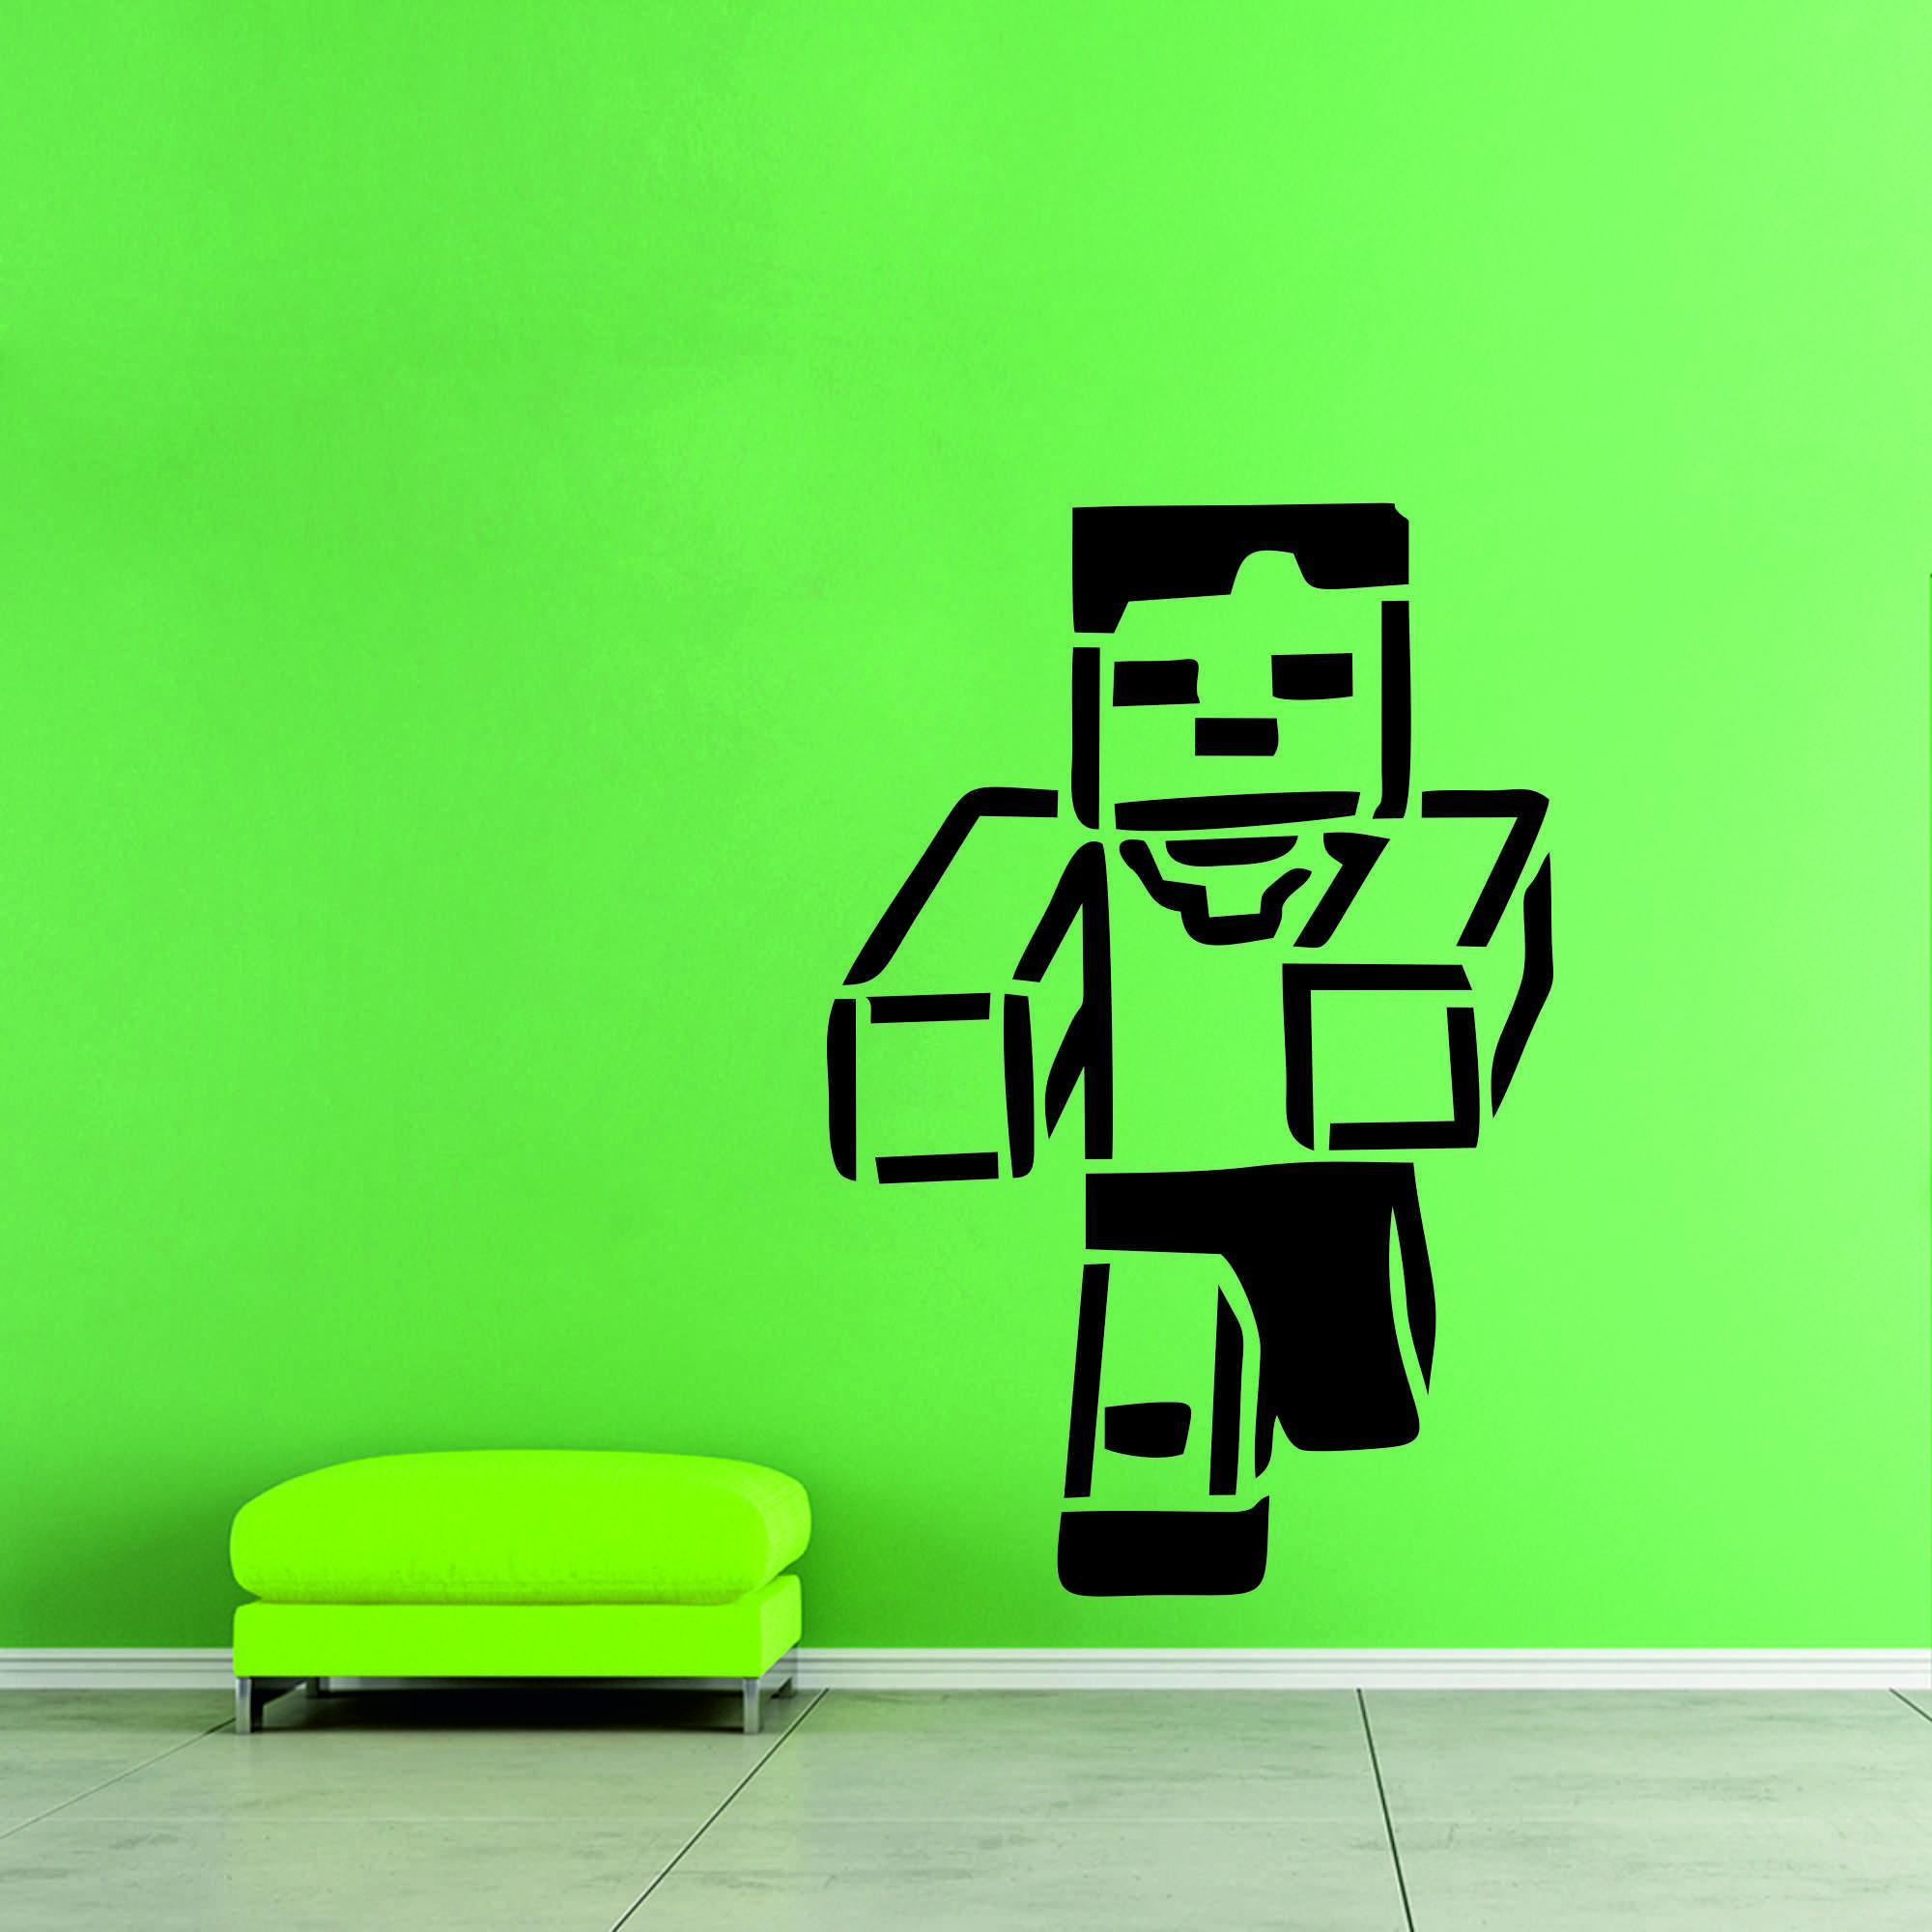 Samolepka na zeď - Minecraft běžící postavička - 80x120 cm - PopyDesign